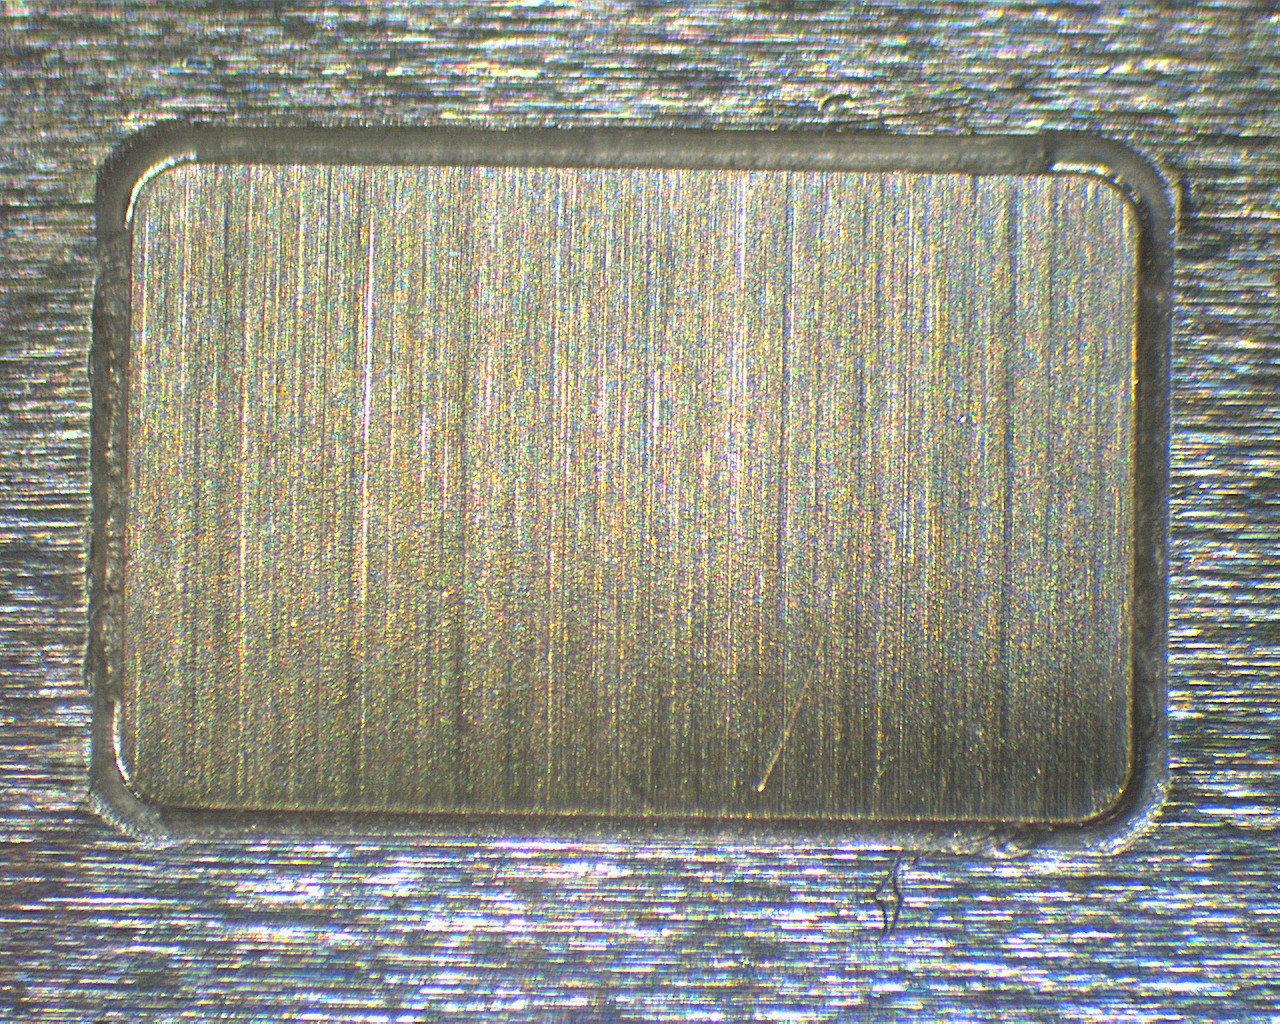 Laserfeinschweißen für Elektronikindustrie